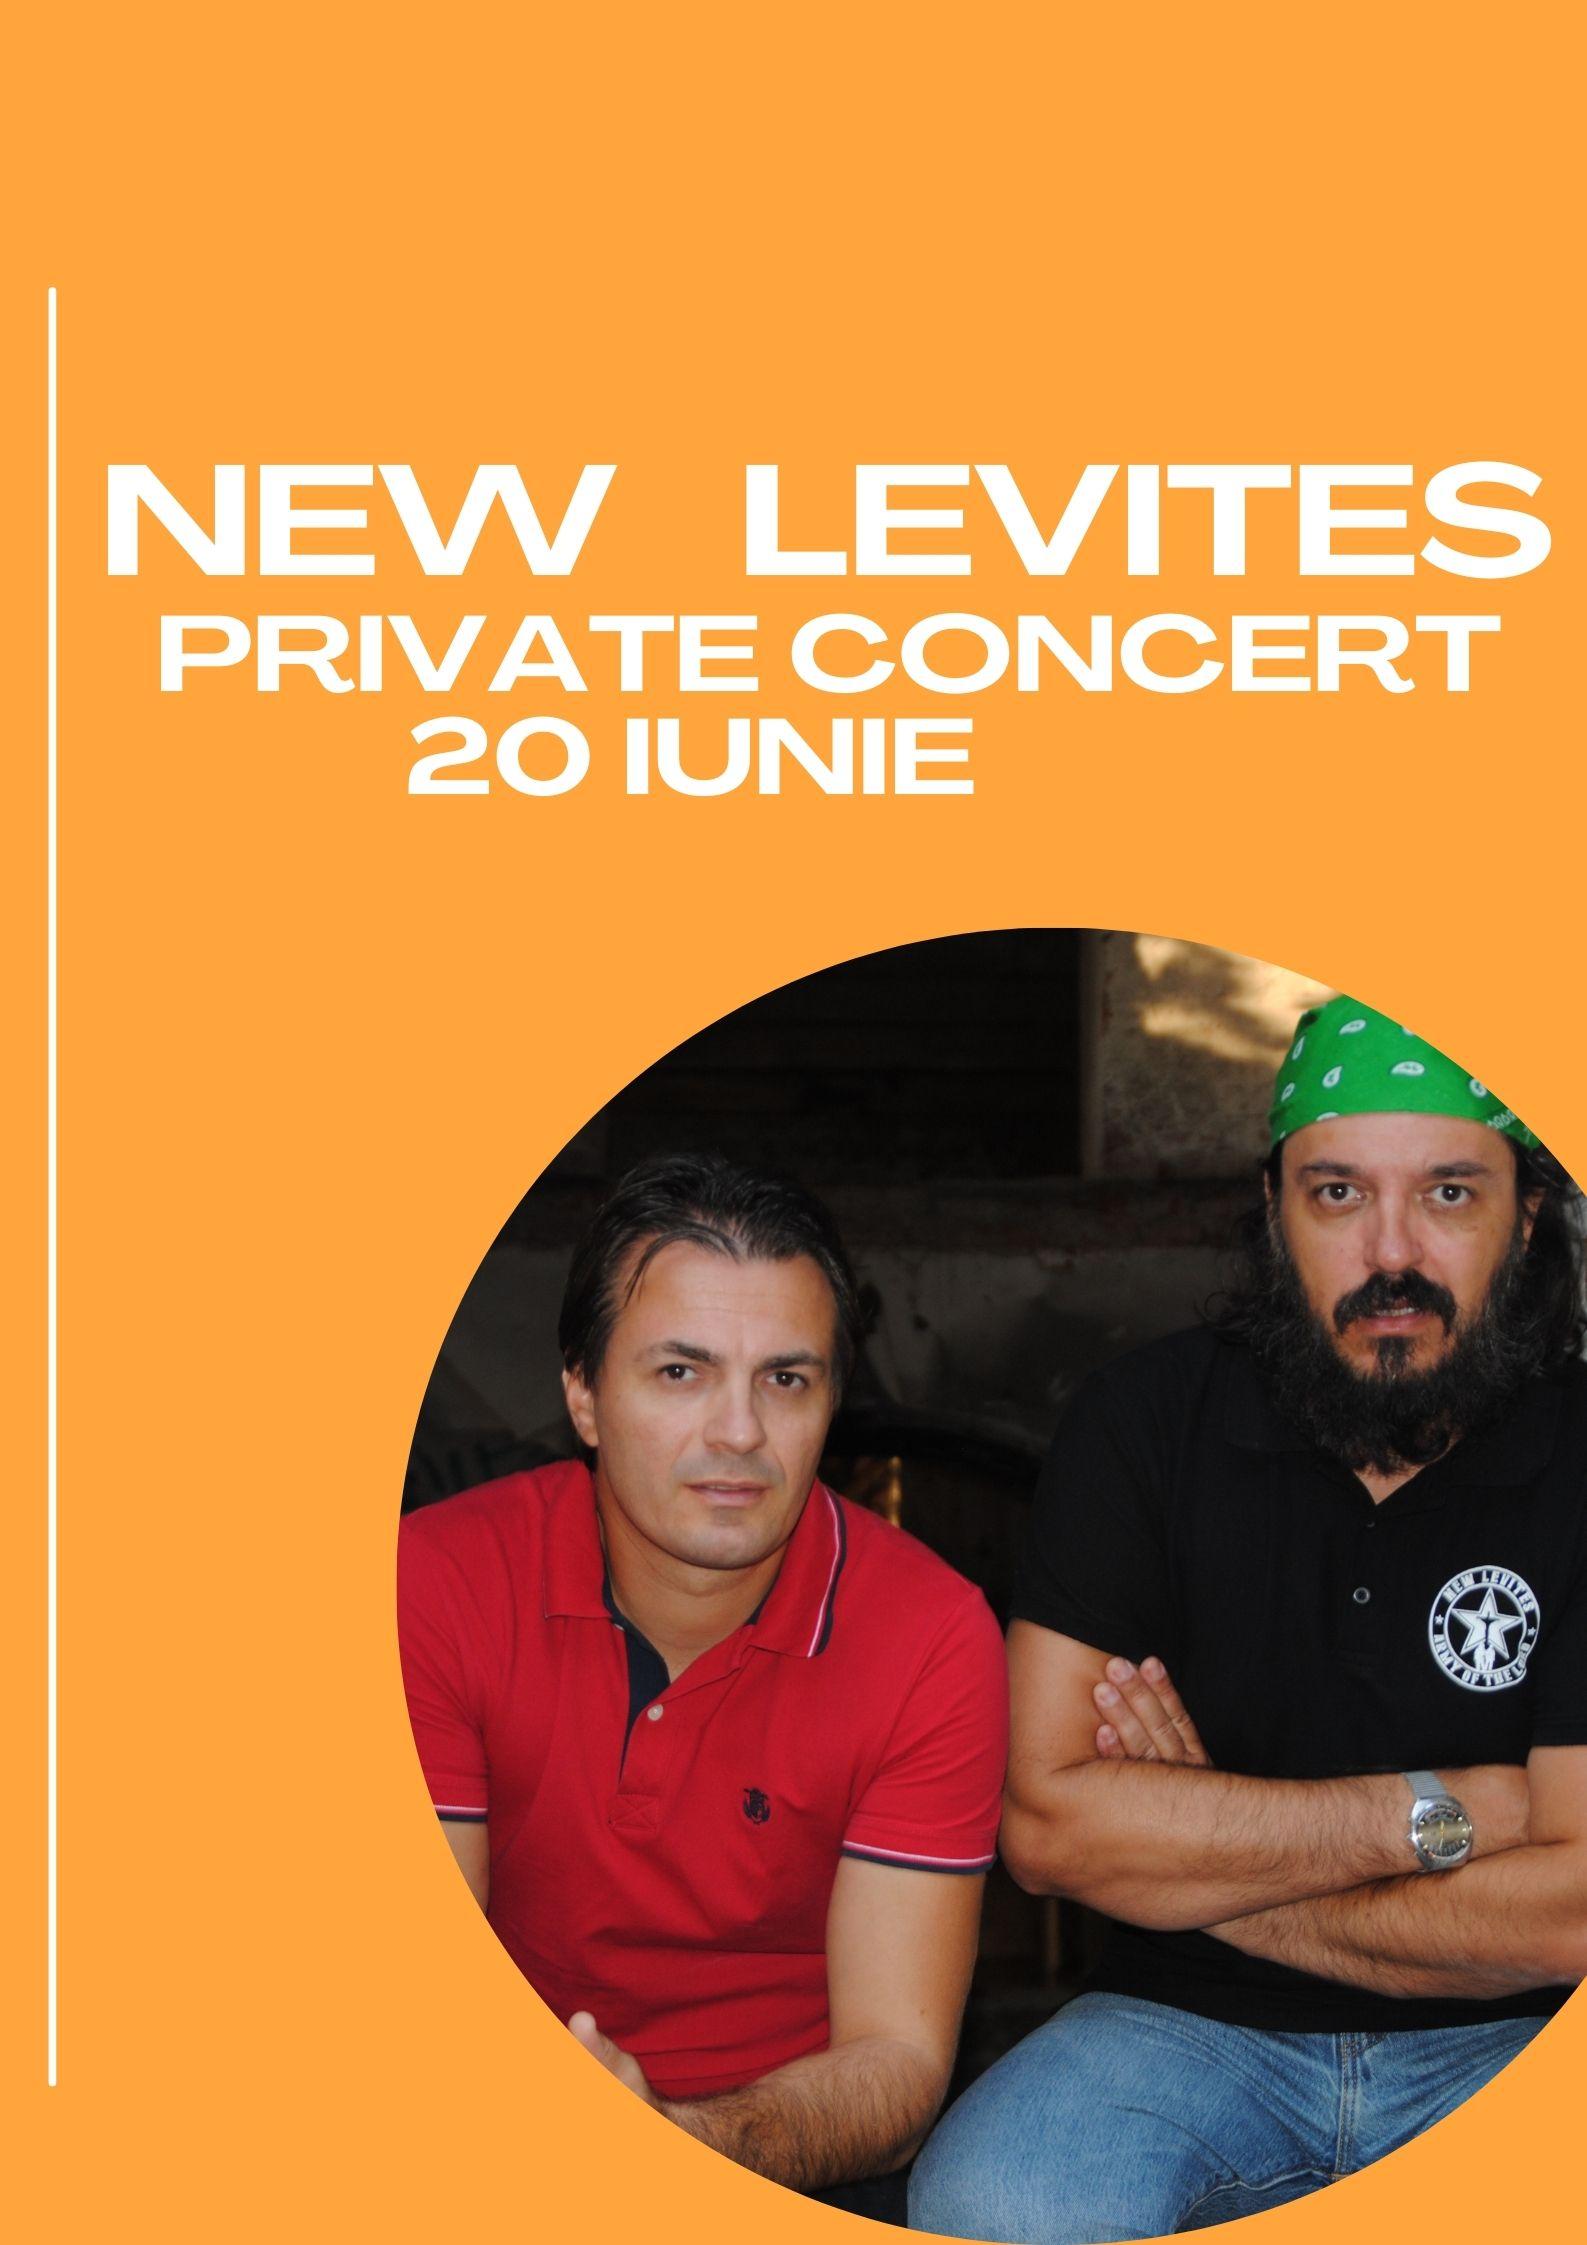 new levites private concert 20 iunie